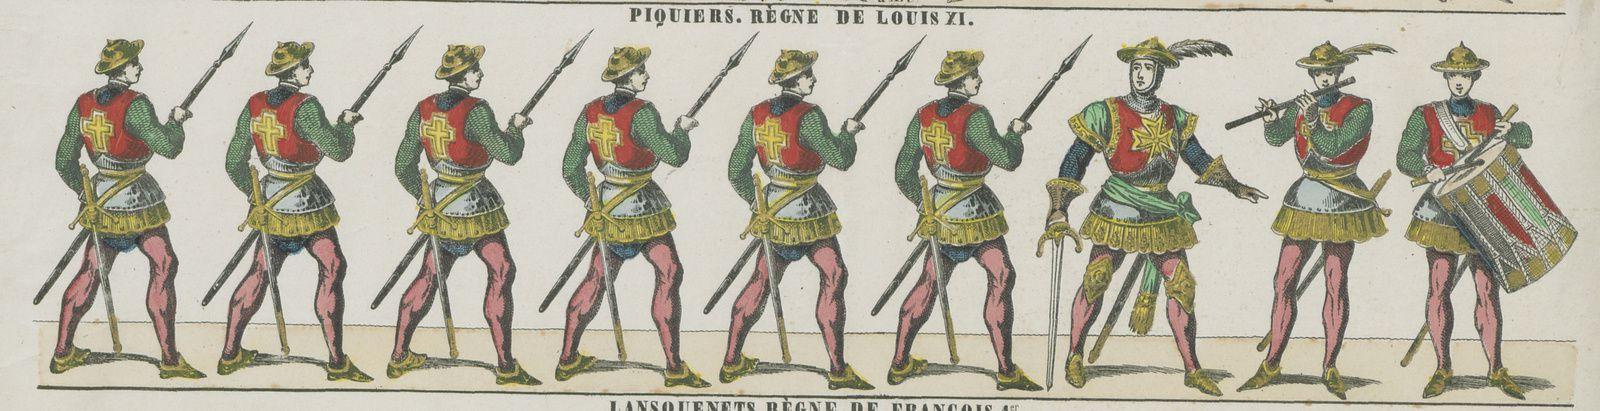 Les piquiers, nouveaux combattants mis en avant par Louis XI pour bâtir une infanterie régulière. Détail de « Troupes anciennes. N°3, Coustilliers, Règne de Charles VII - Piquiers, Règne de Louis XI », gravure sur bois en couleurs (46 x 36 cm) éditée chez Pellerin, Épinal, 1859. BnF, département Estampes et photographie, FOL-LI-59 (6).